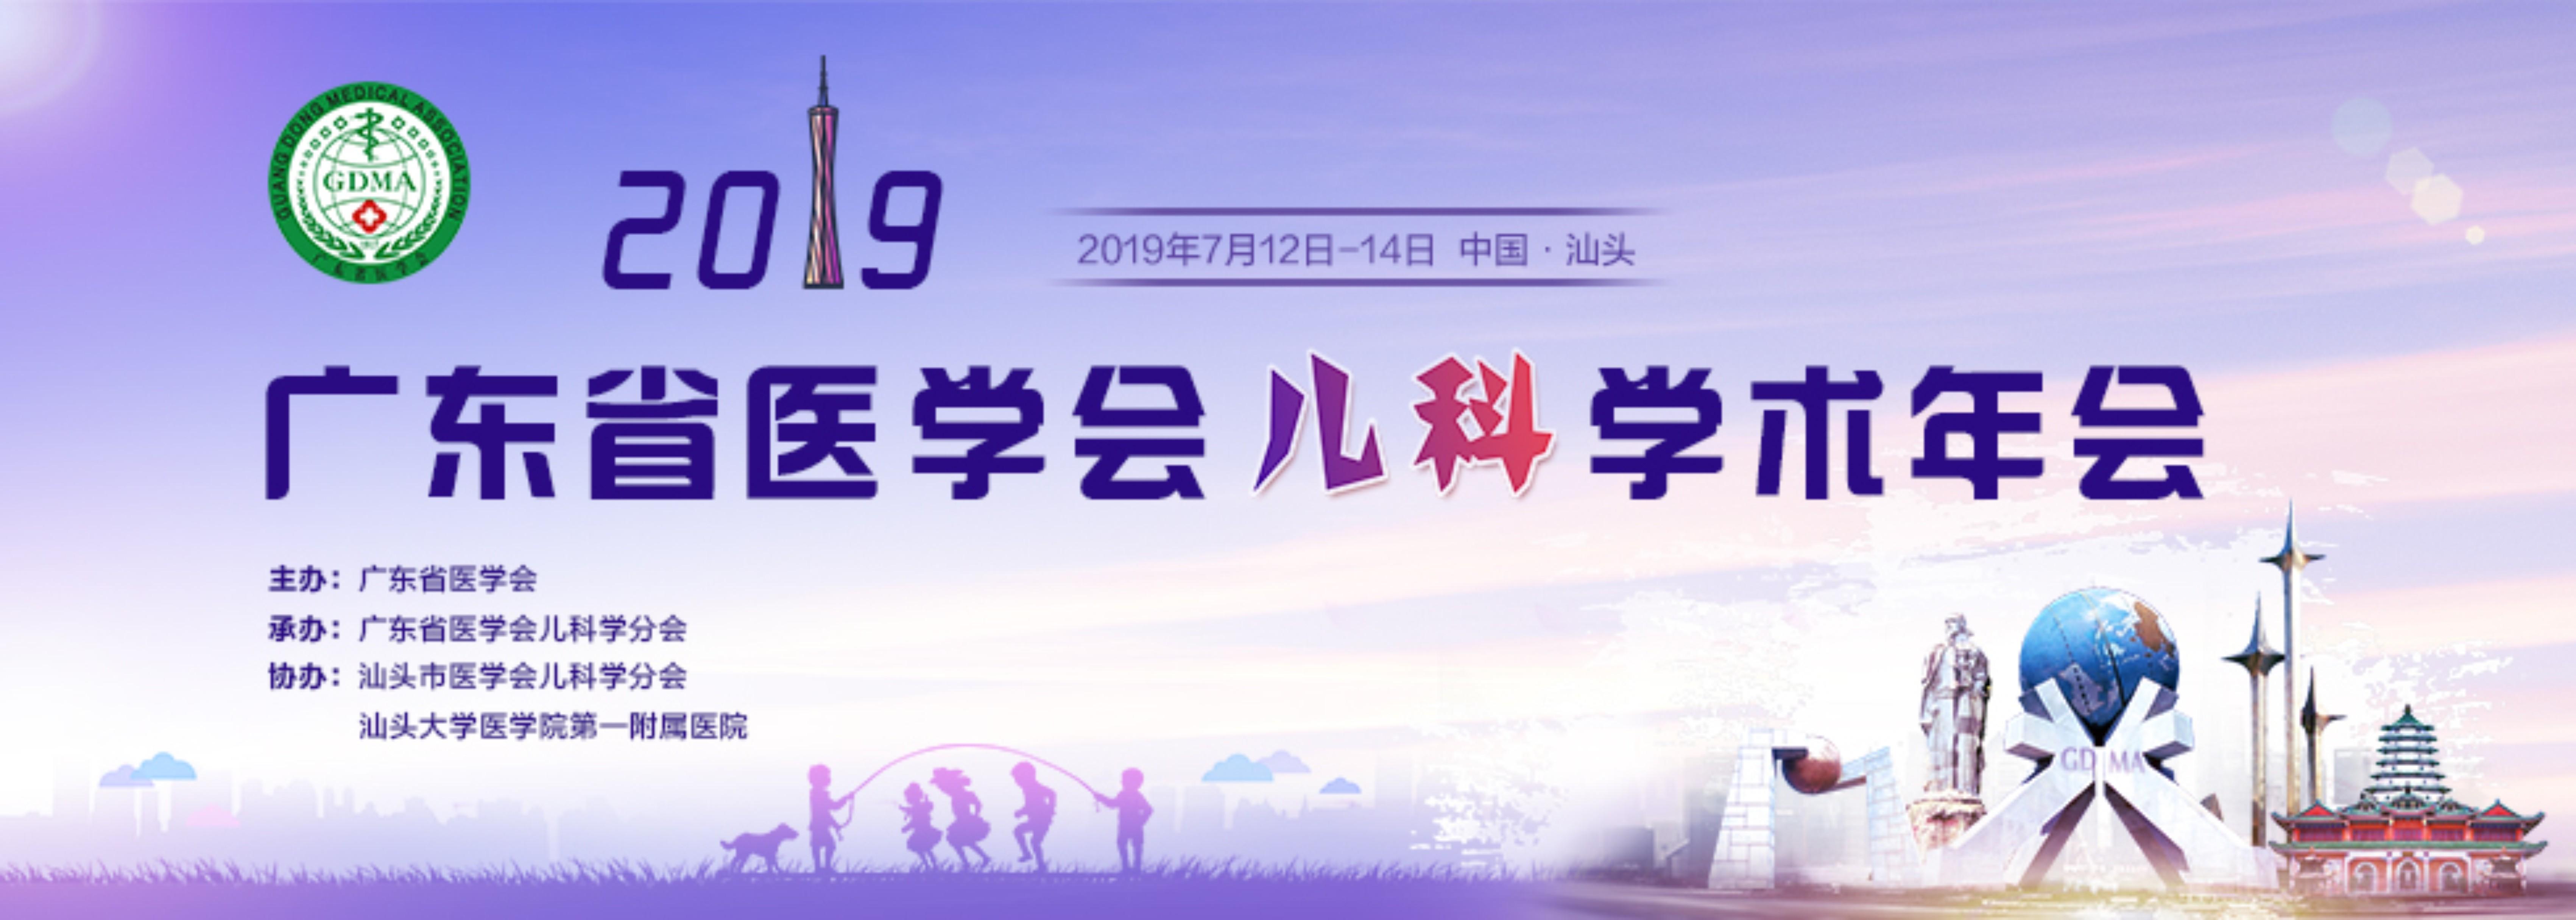 2019年广东省医学会儿科学学术年会